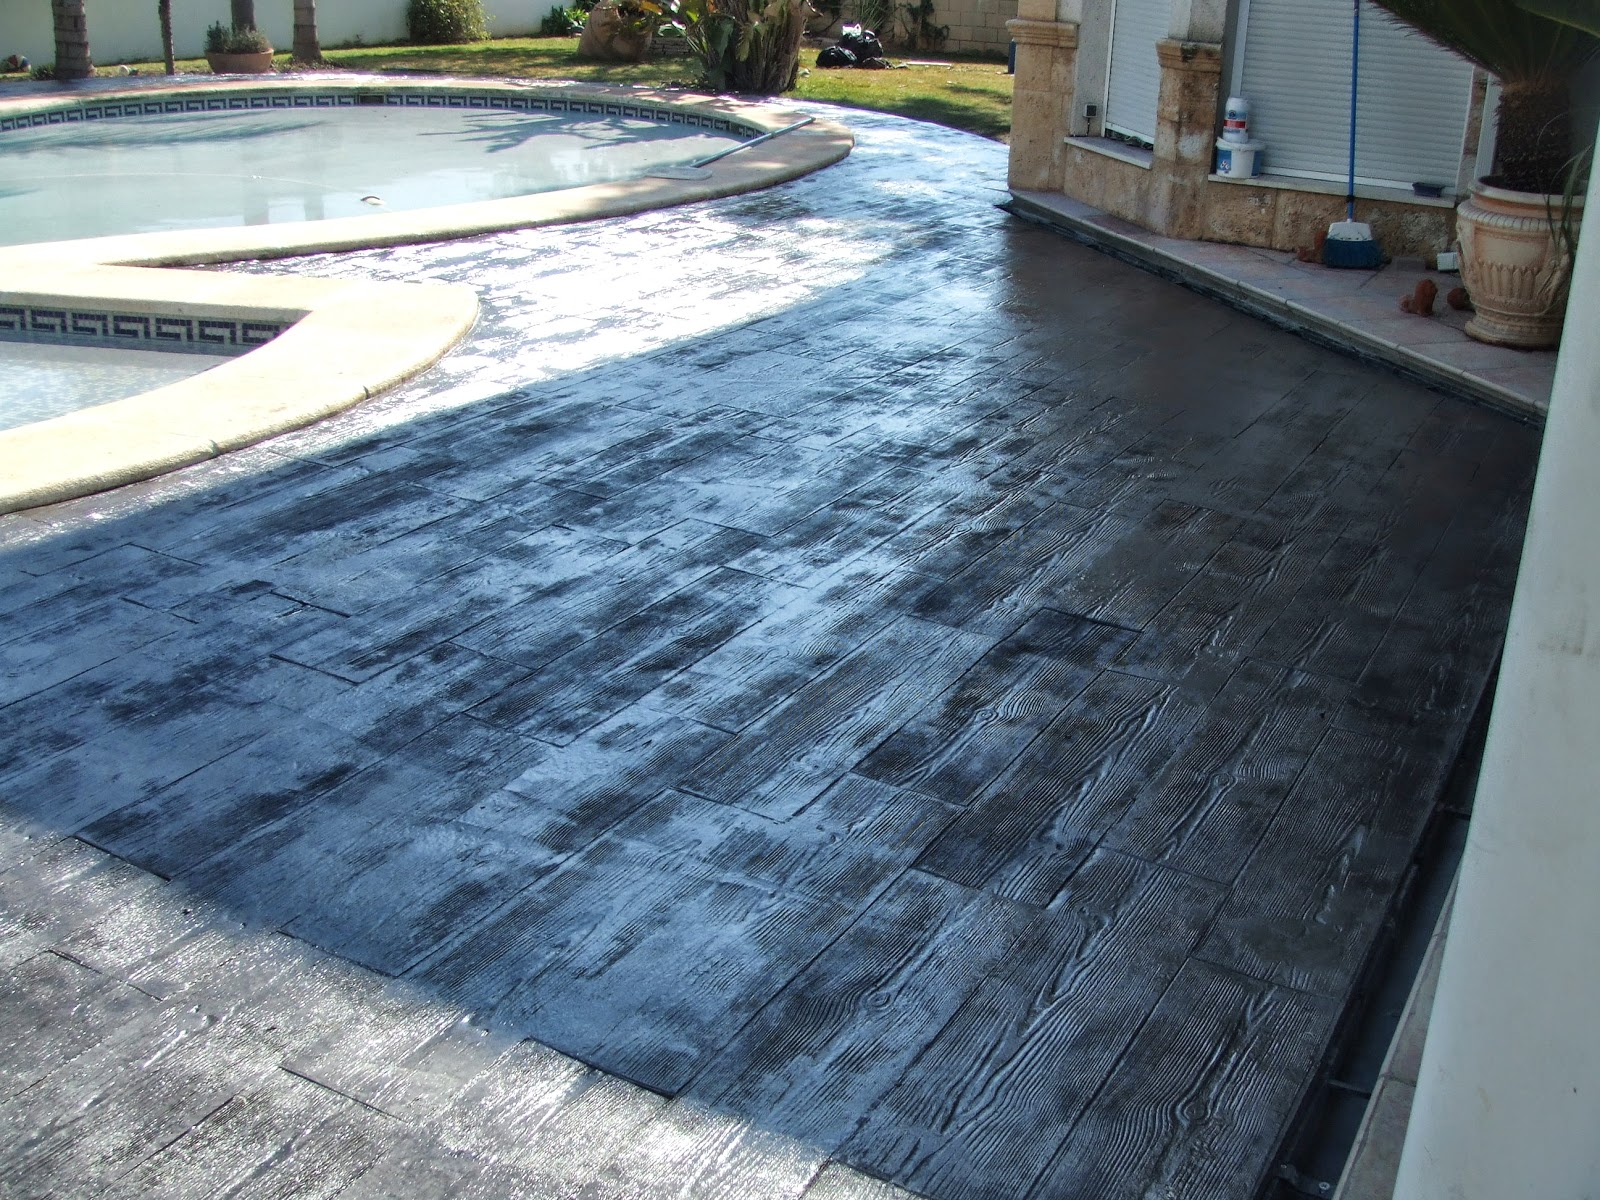 Hormig n impreso en l eliana piscina con molde de madera pavimentos continuos de hormig n - Hormigon impreso madera ...